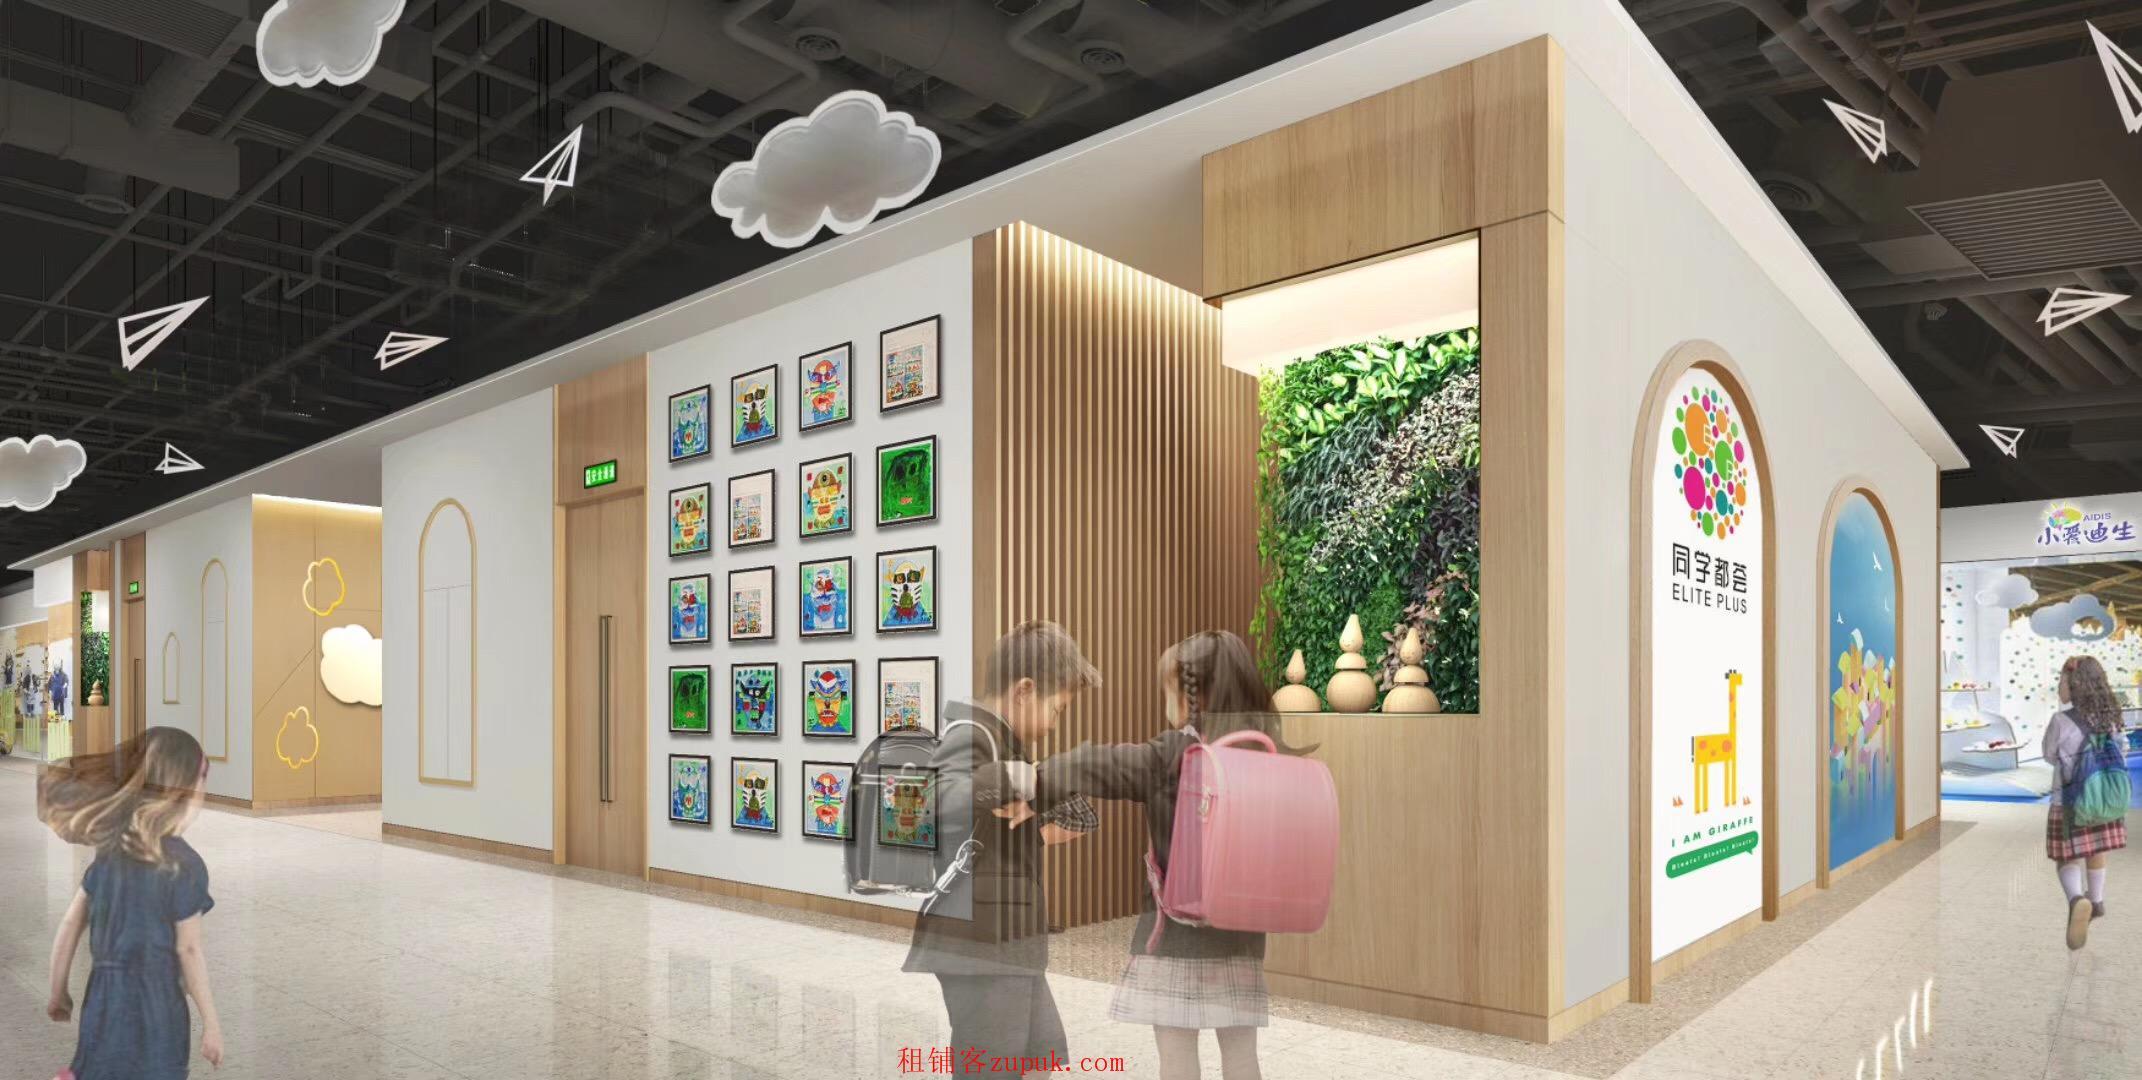 荔湾区-最大优质商业教育综合体招商